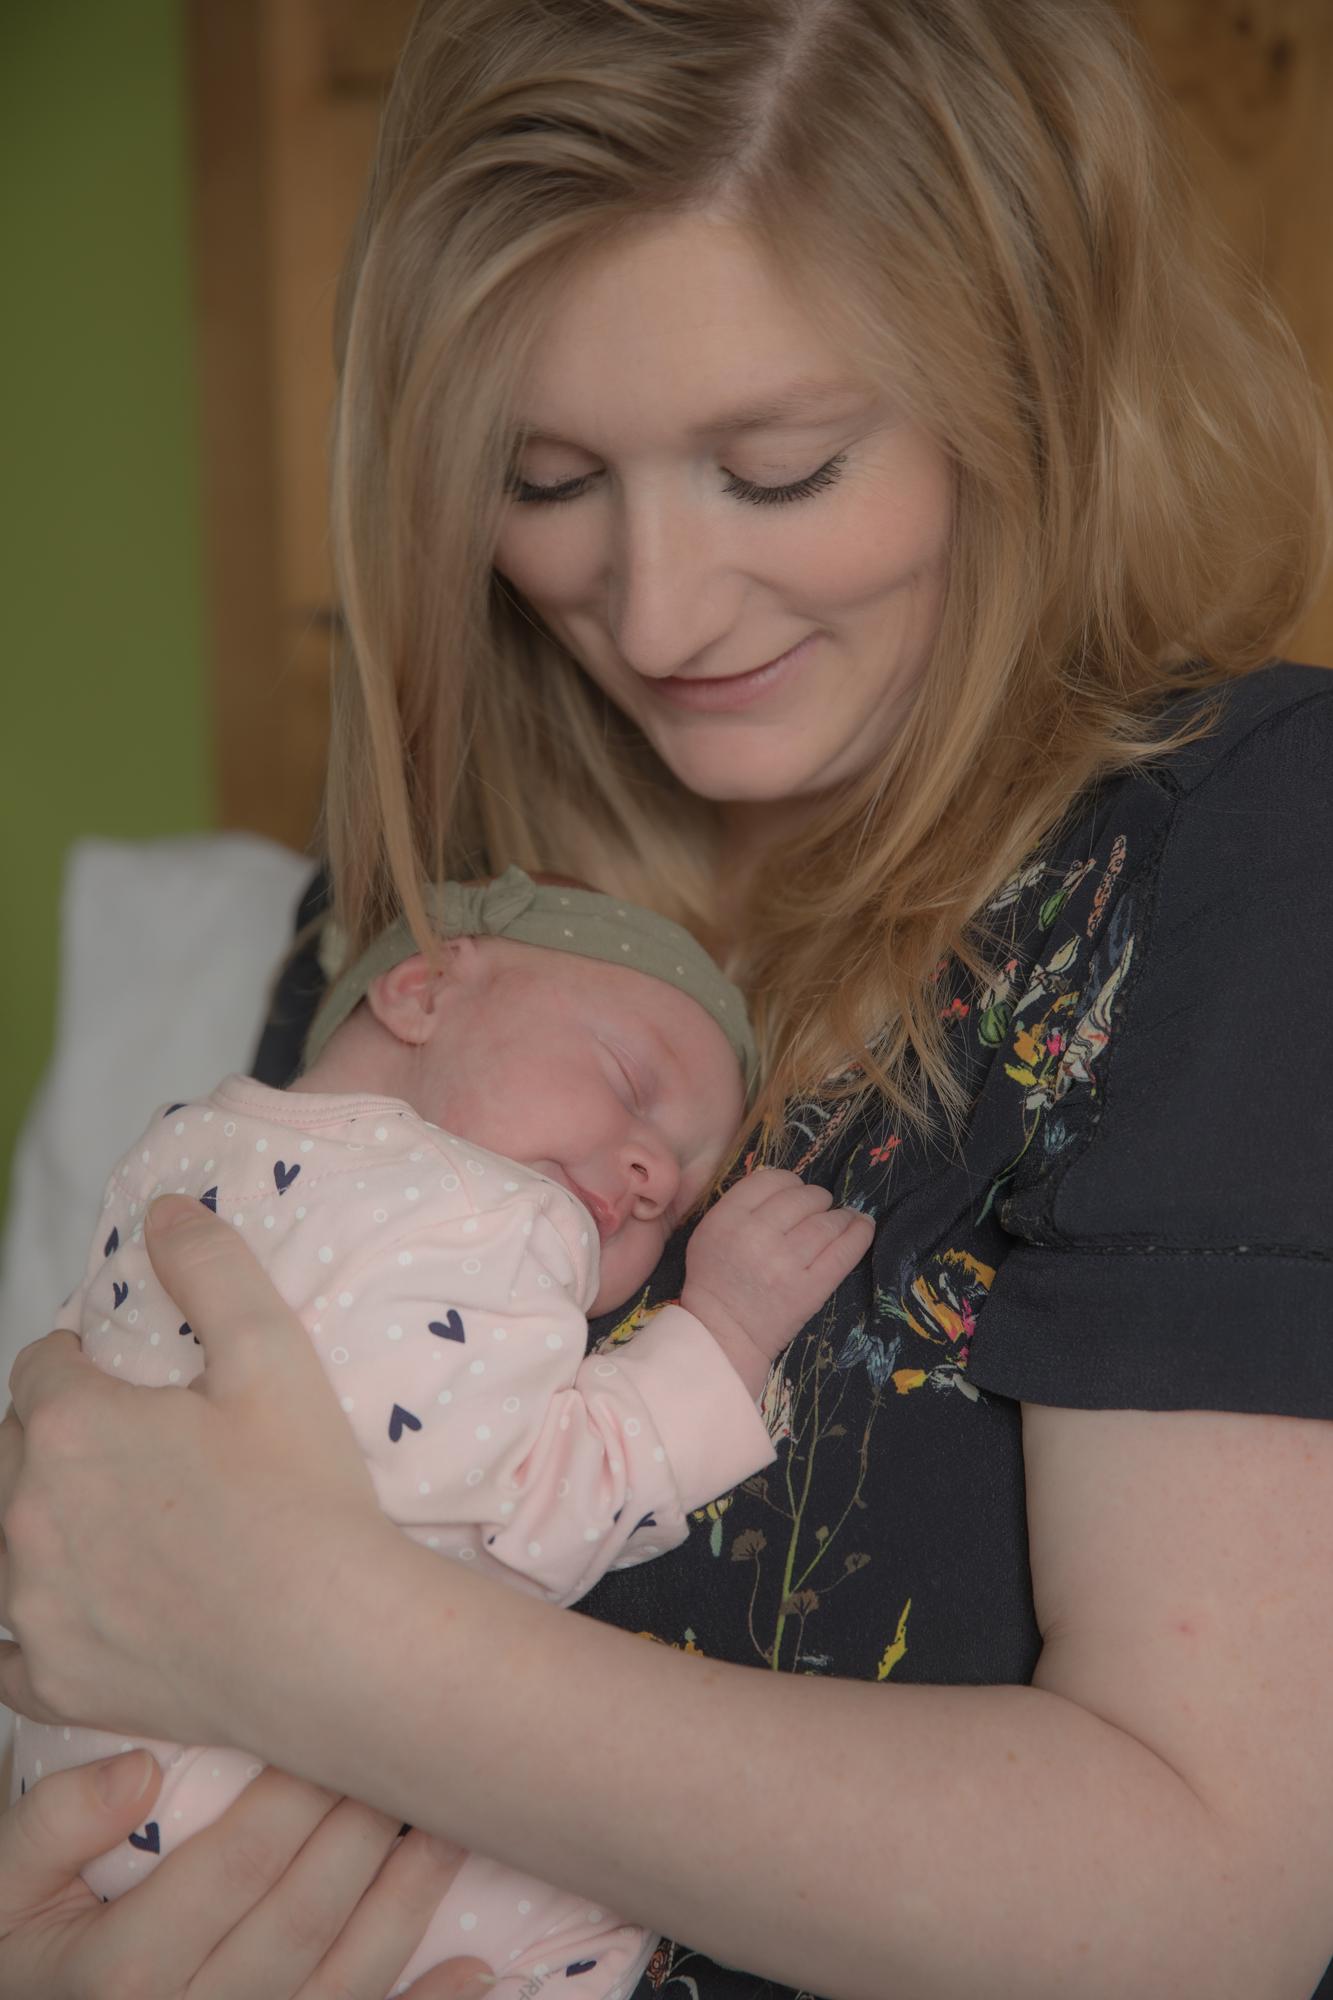 Gezinsfoto, gezinsfotografie of gezinsreportage, baby foto, newborn foto of newborn shoot